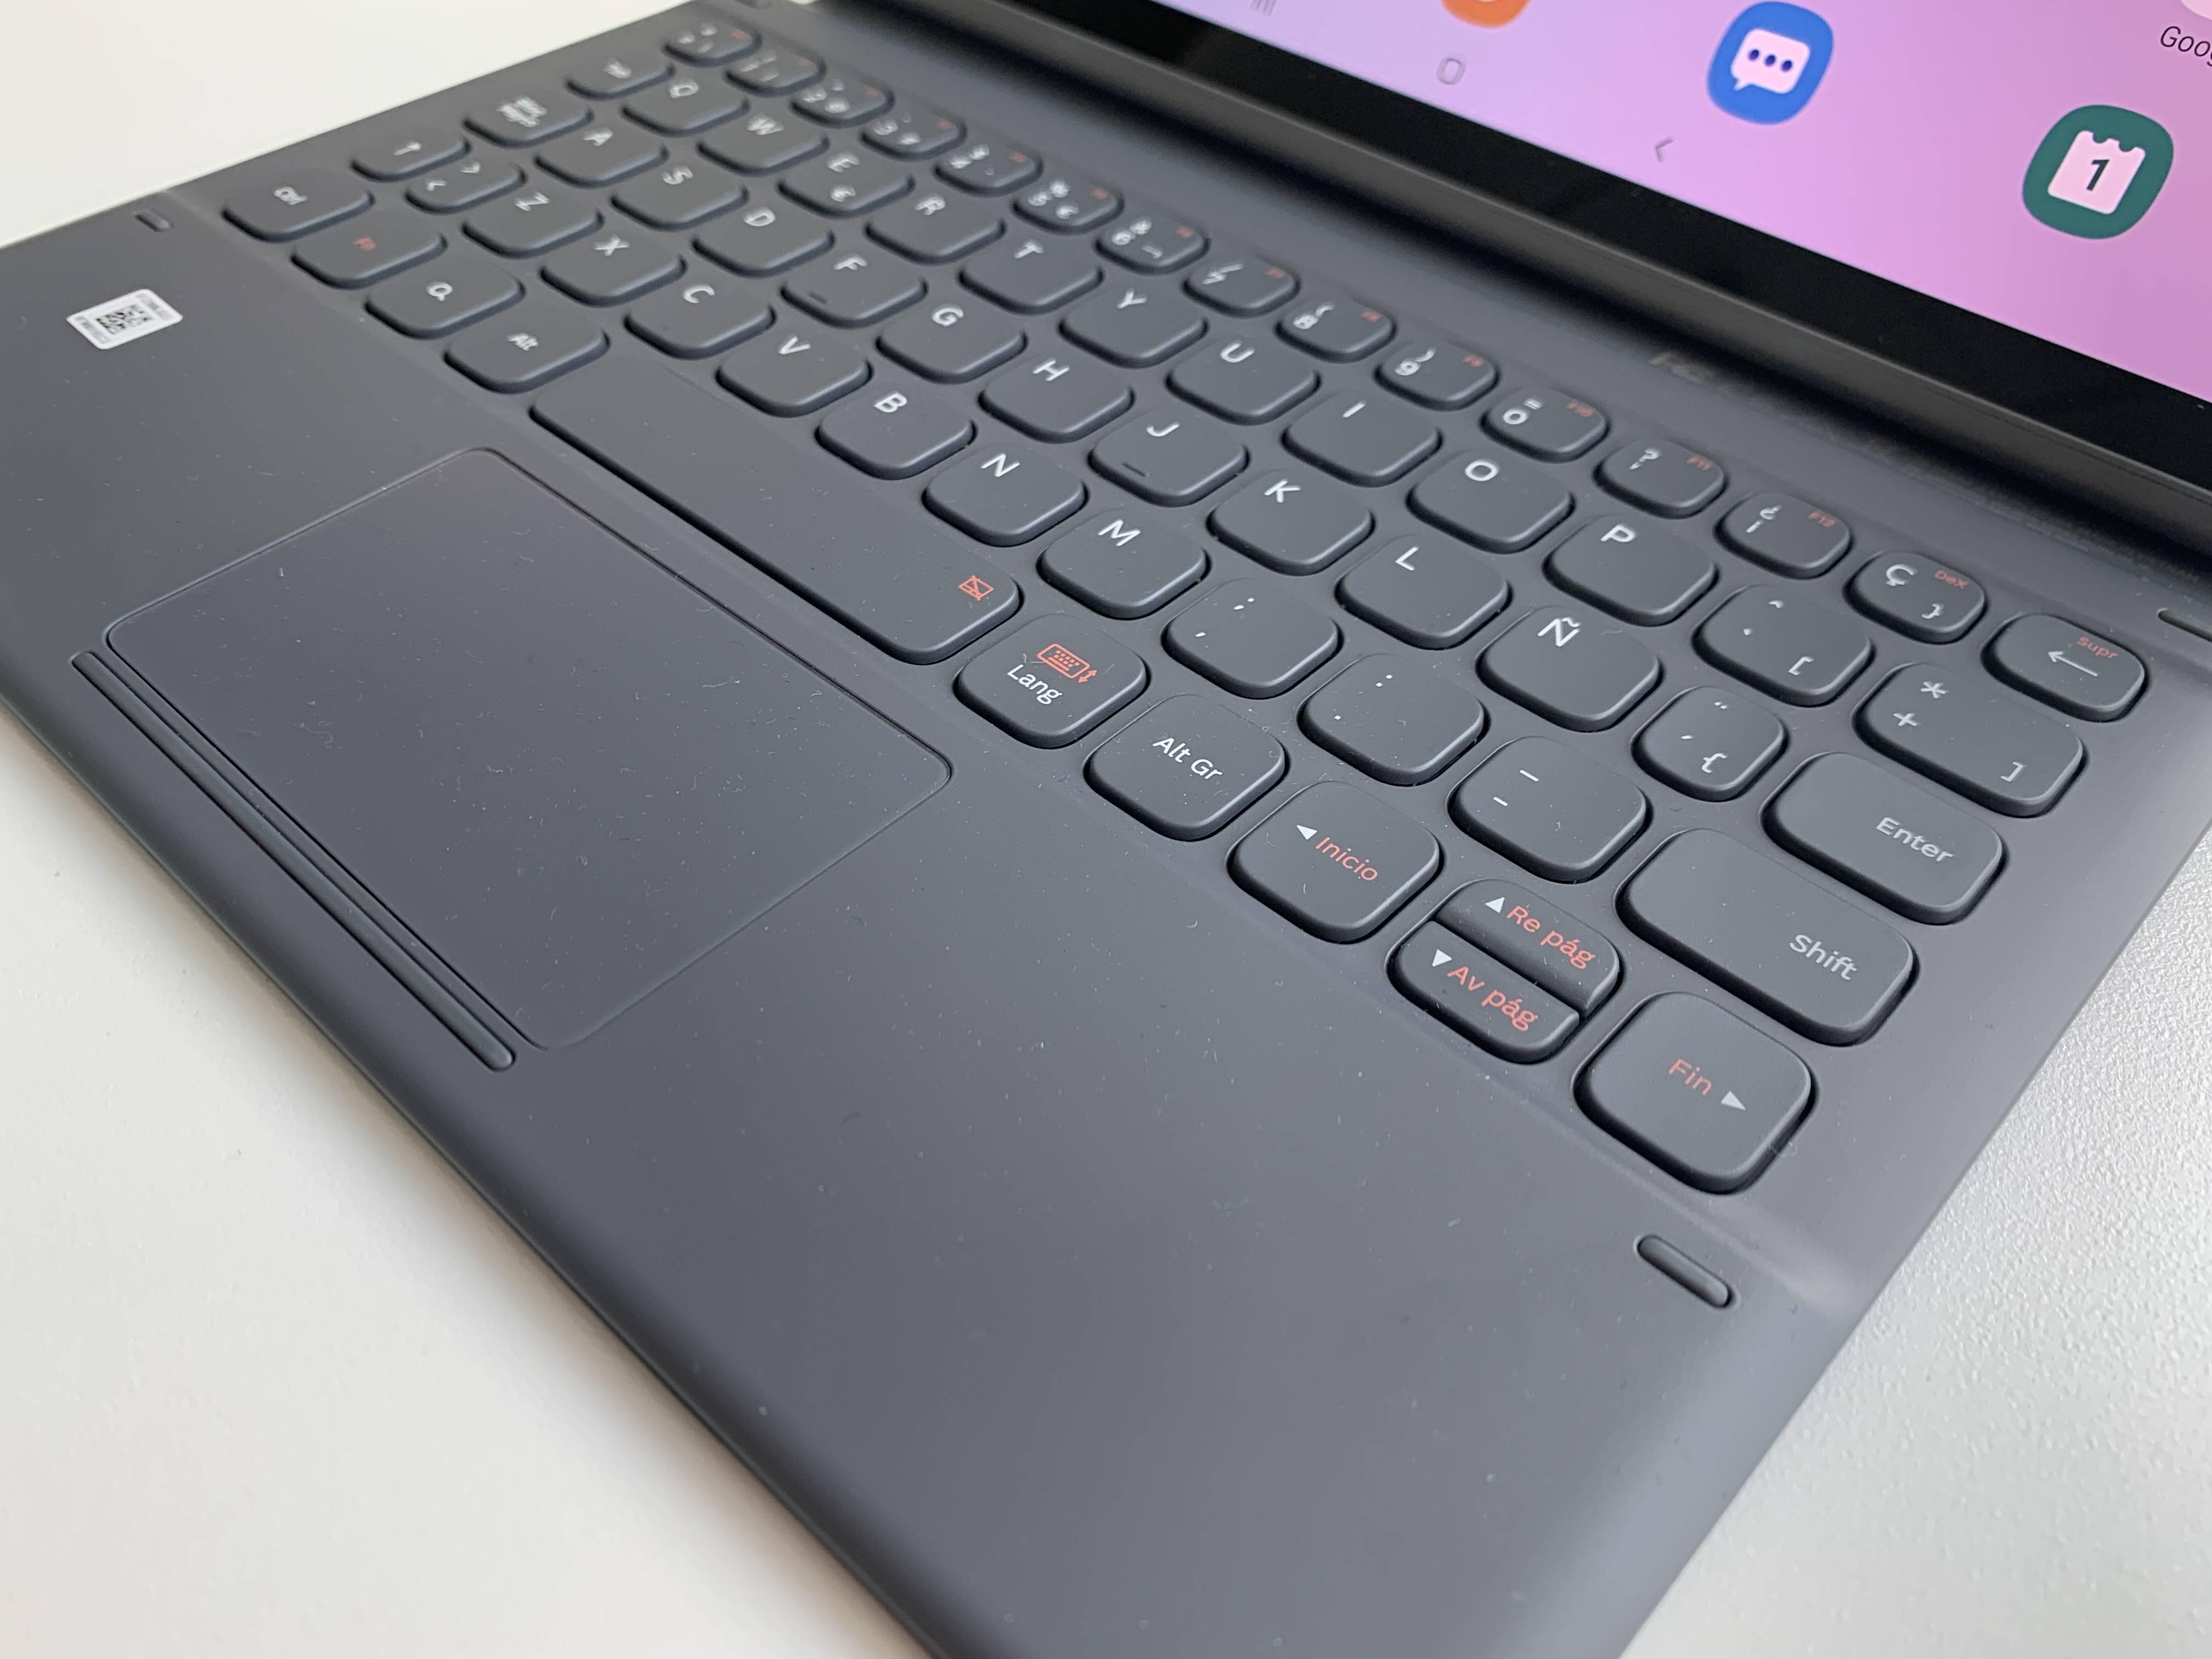 La tablet de Android con mucho poder: Review del Samsung Galaxy Tab S6 [FW Labs]